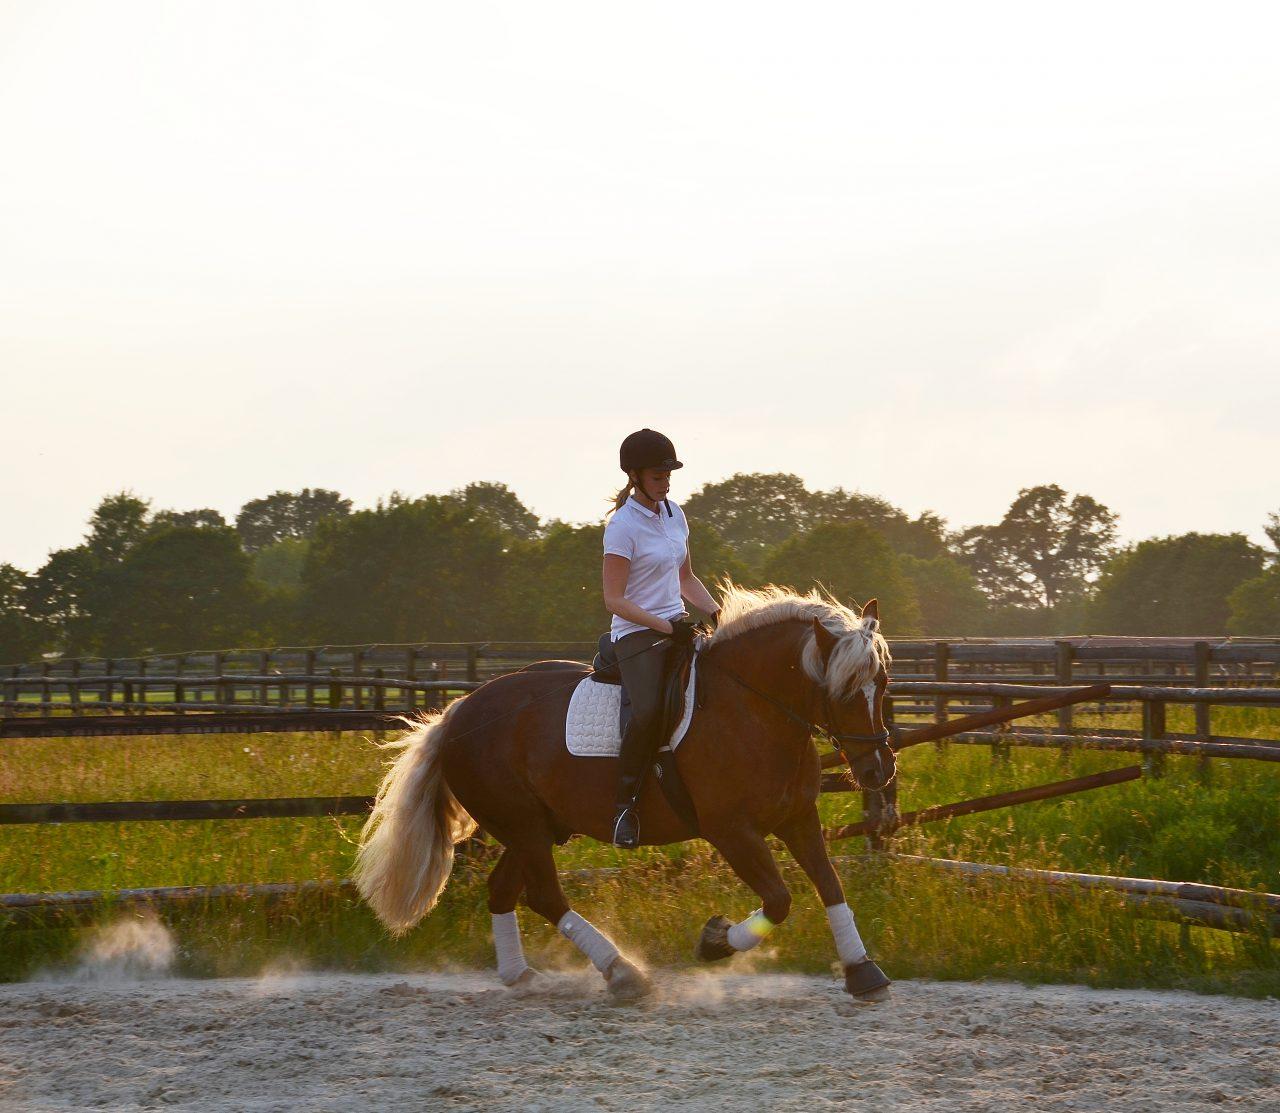 Muskelaufbau beim pferd so gehts los gelassen muskelaufbau beim pferd so gehts altavistaventures Images